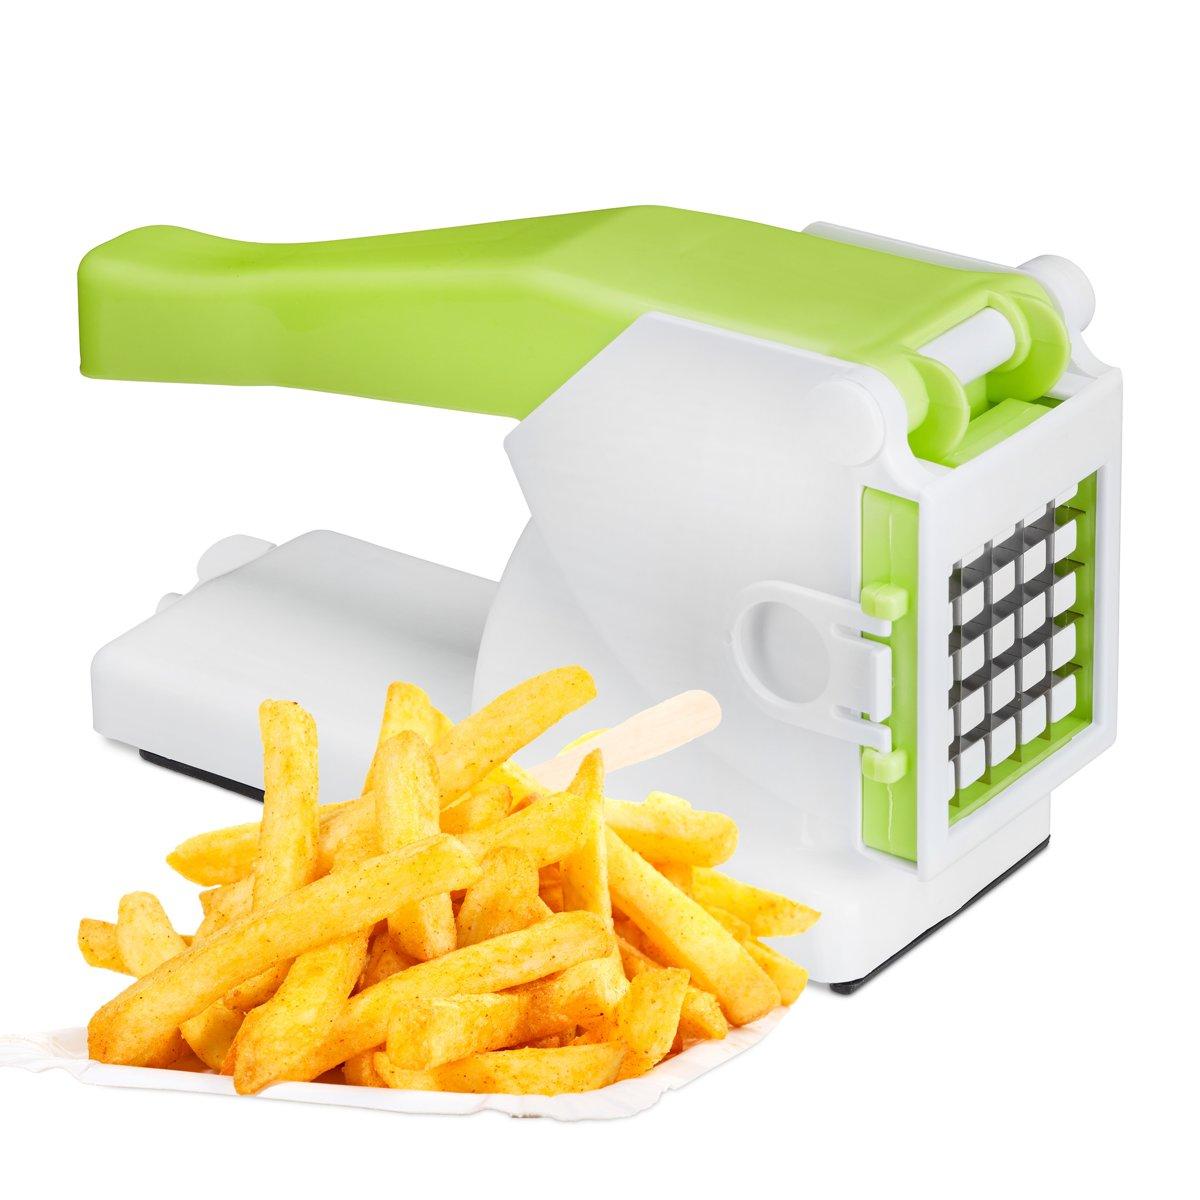 Frietsnijder – Aardappel snijder – Chips maker - Patat Snijder - Fritessnijder - Franse Friet Snijder – 2 Verschillende maten kopen